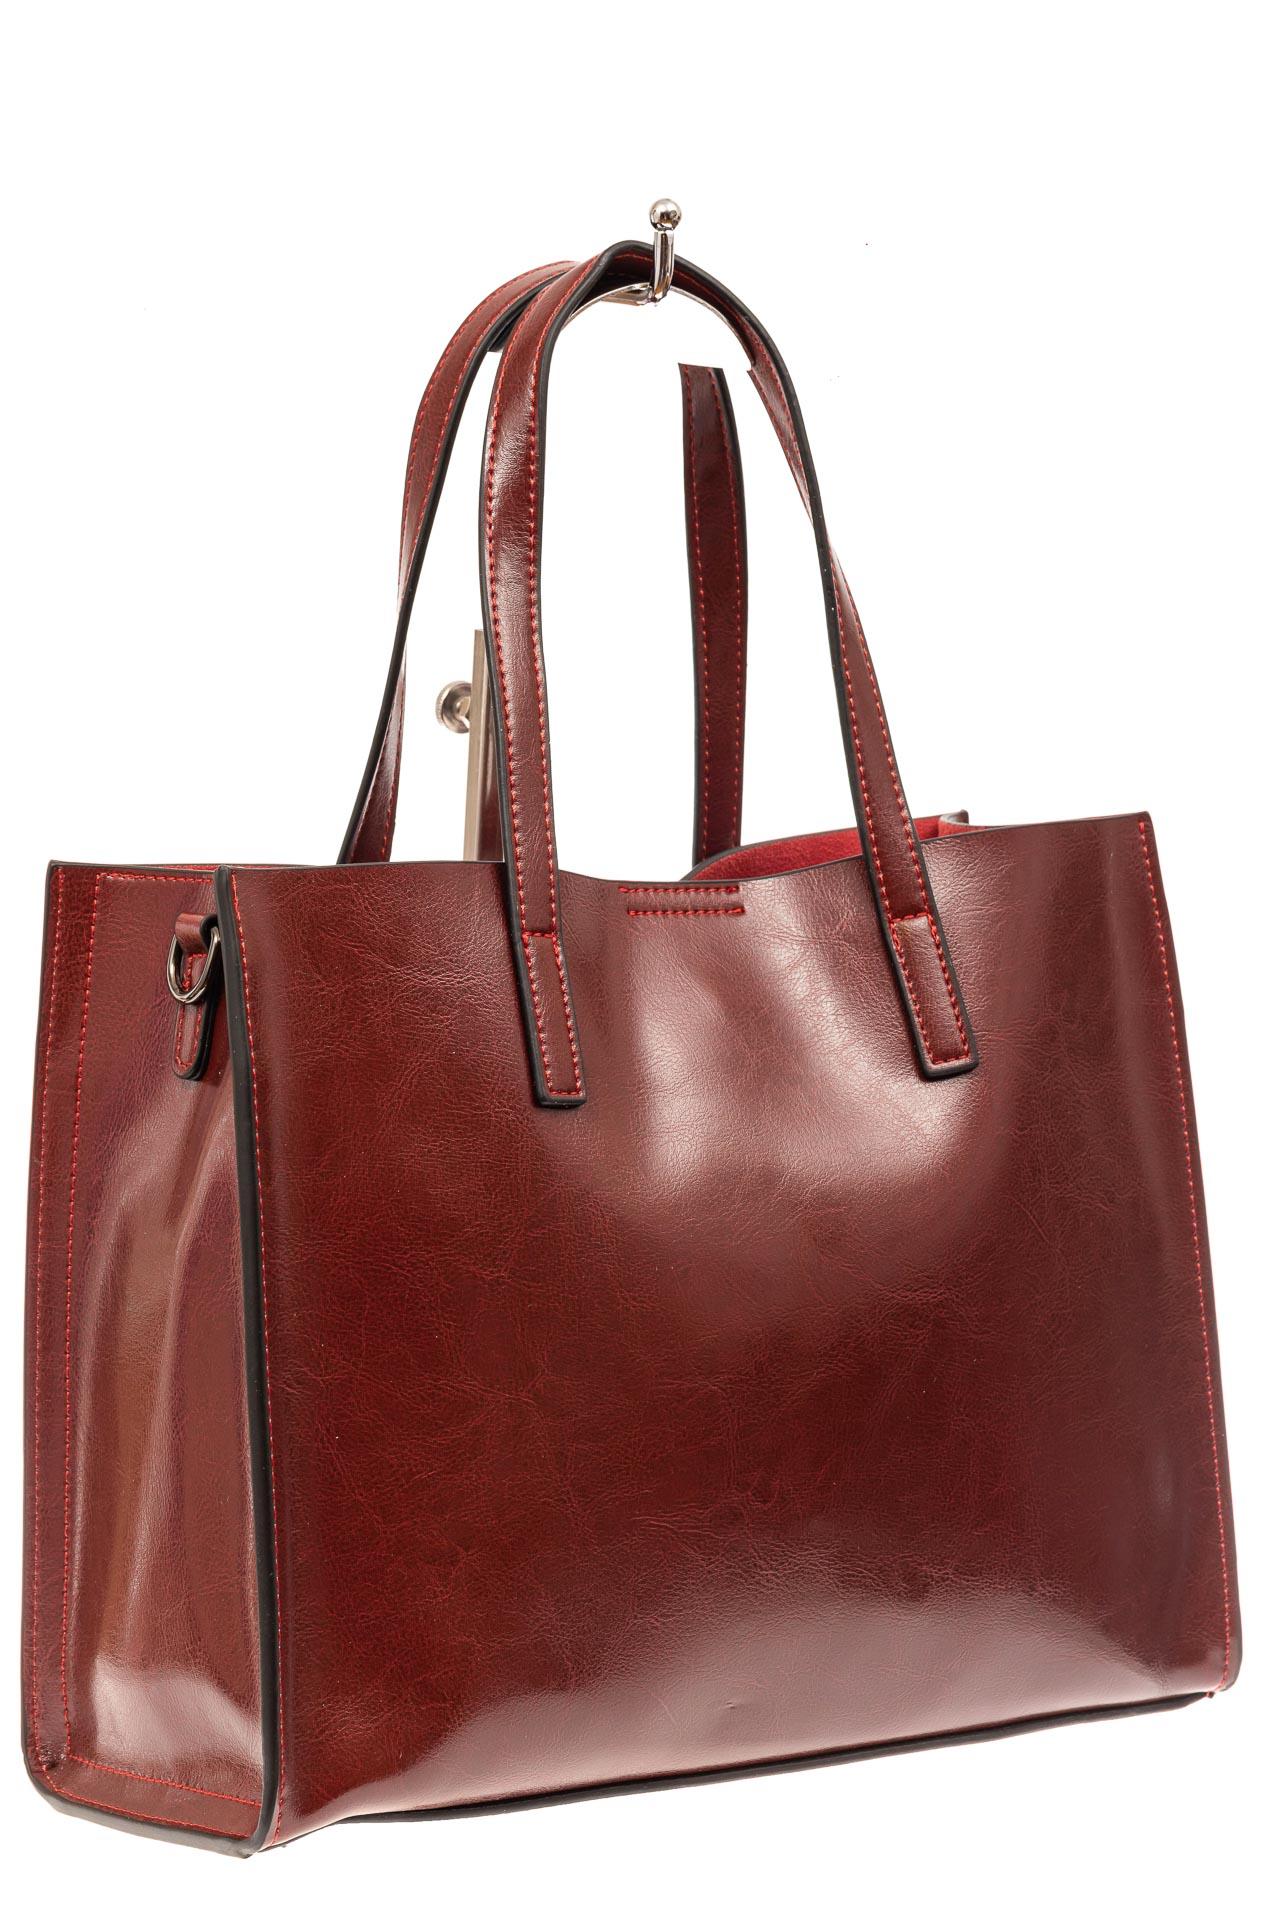 Женская сумка тоут из натуральной кожи, цвет бордовый910NK0520/4